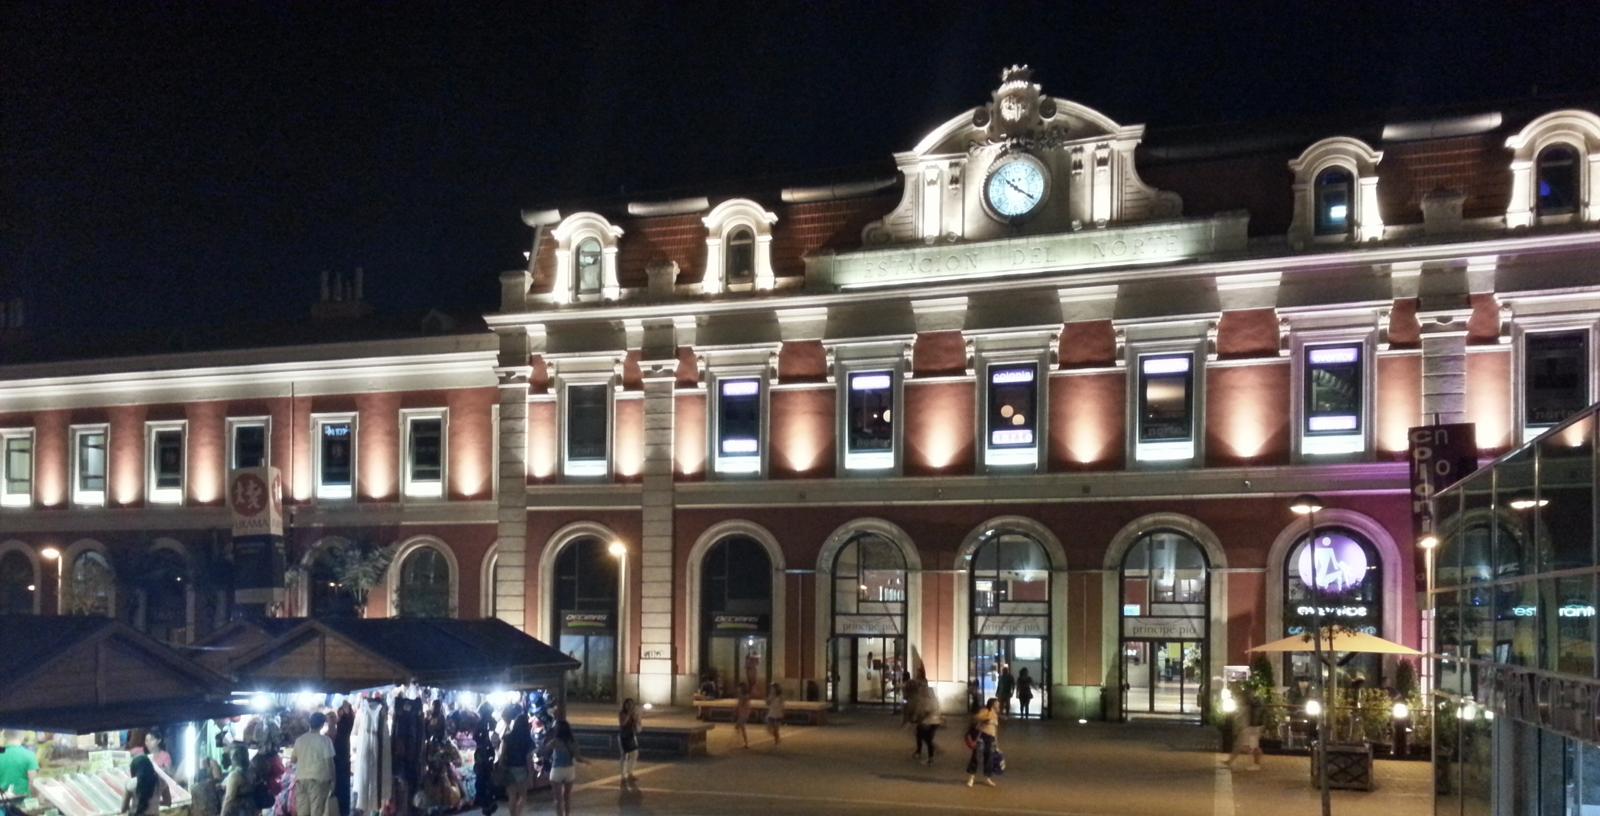 Principe_Pio_Shopping_Center_01_Building_Idom